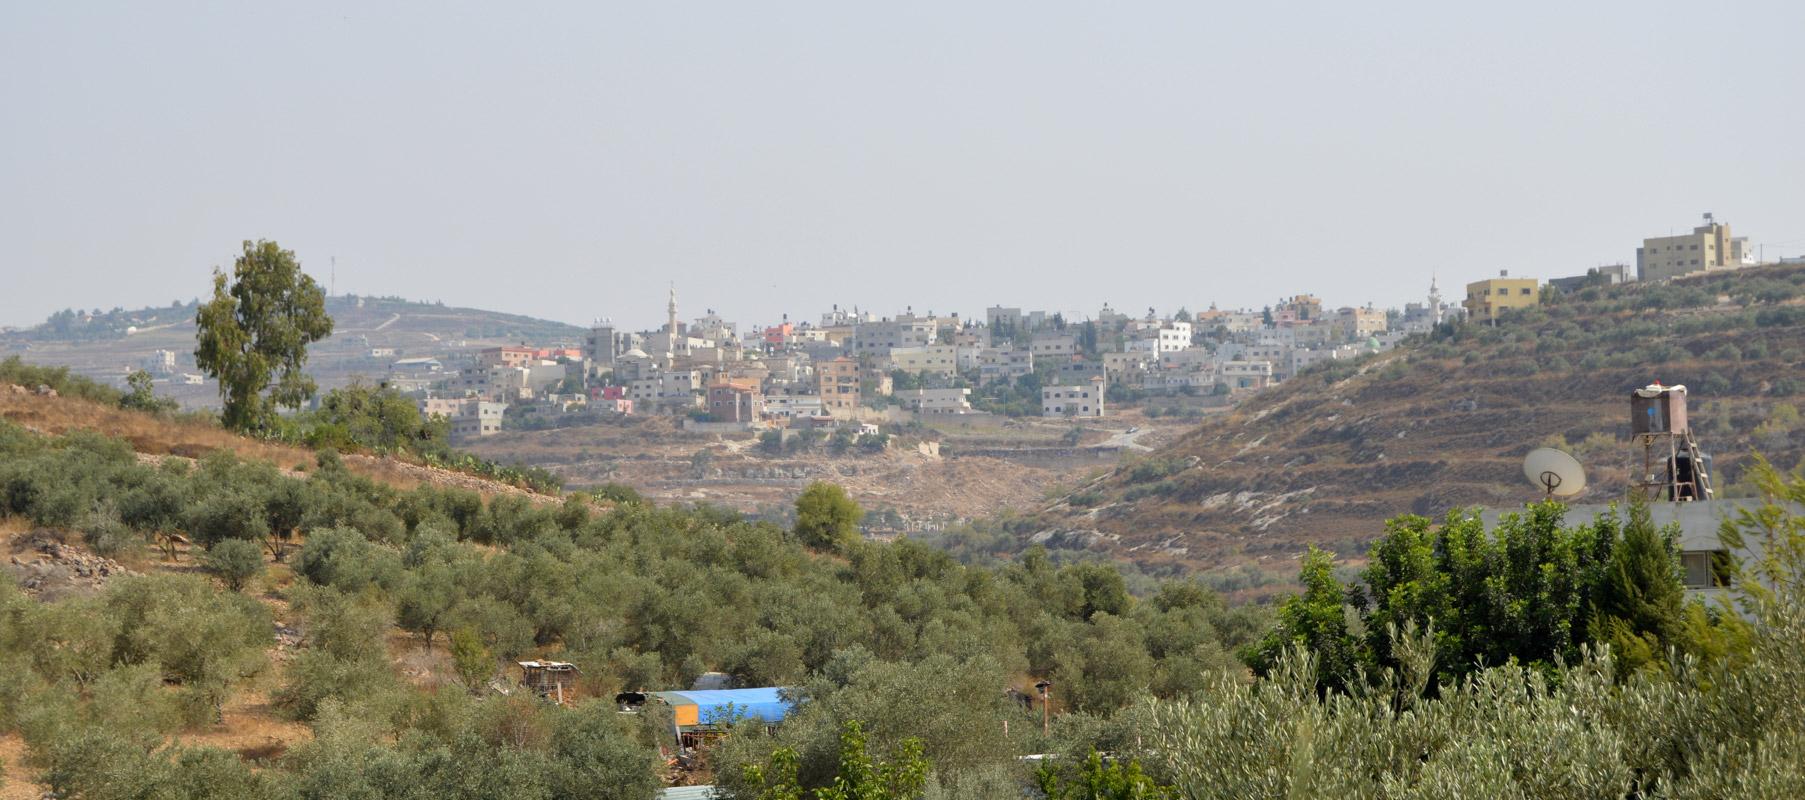 Sarra palestine